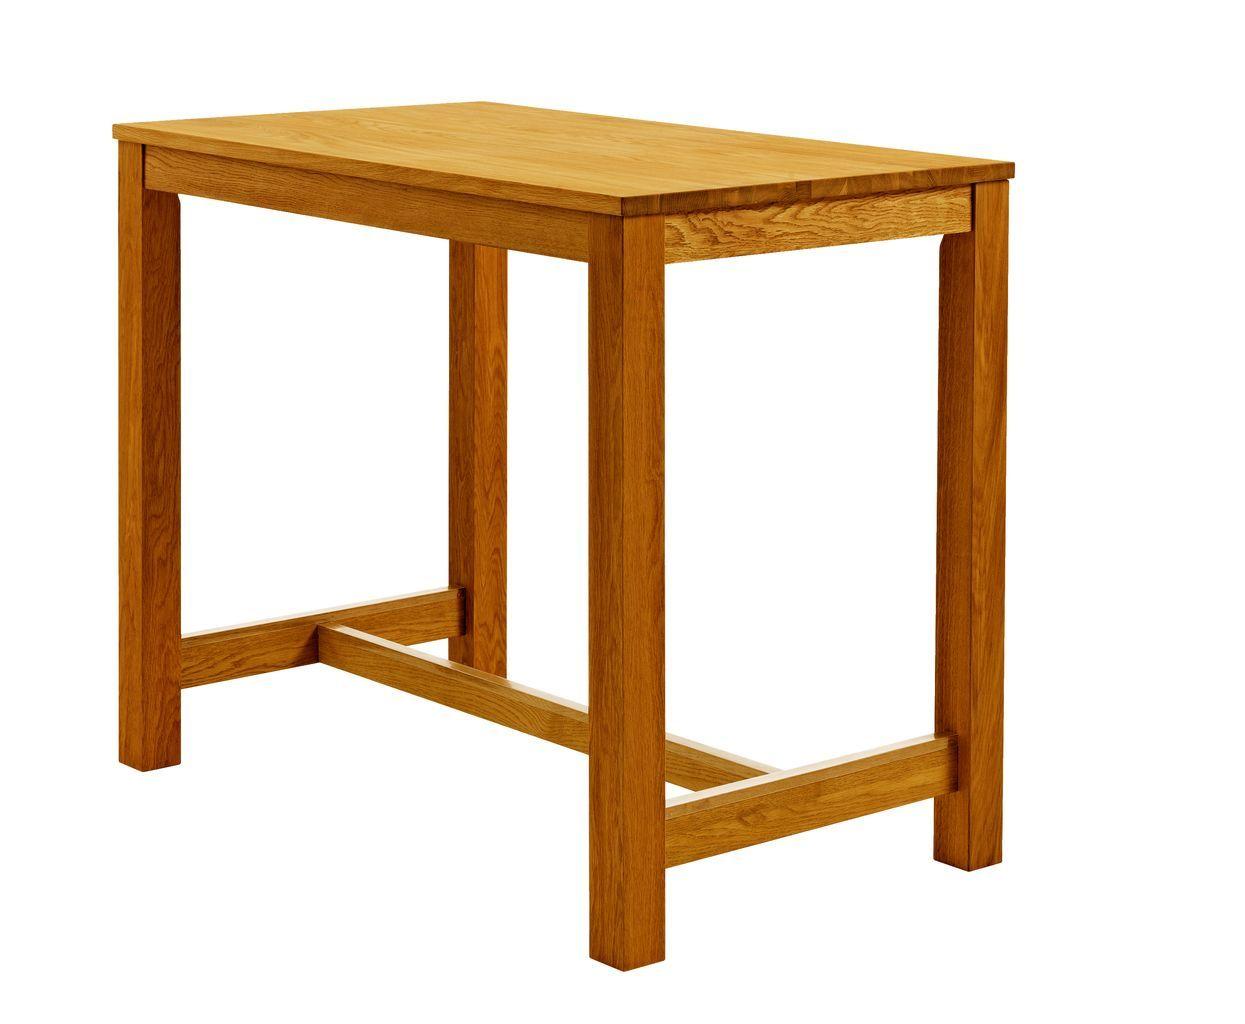 Bárasztal 70x120 tölgy JYSK Asztal